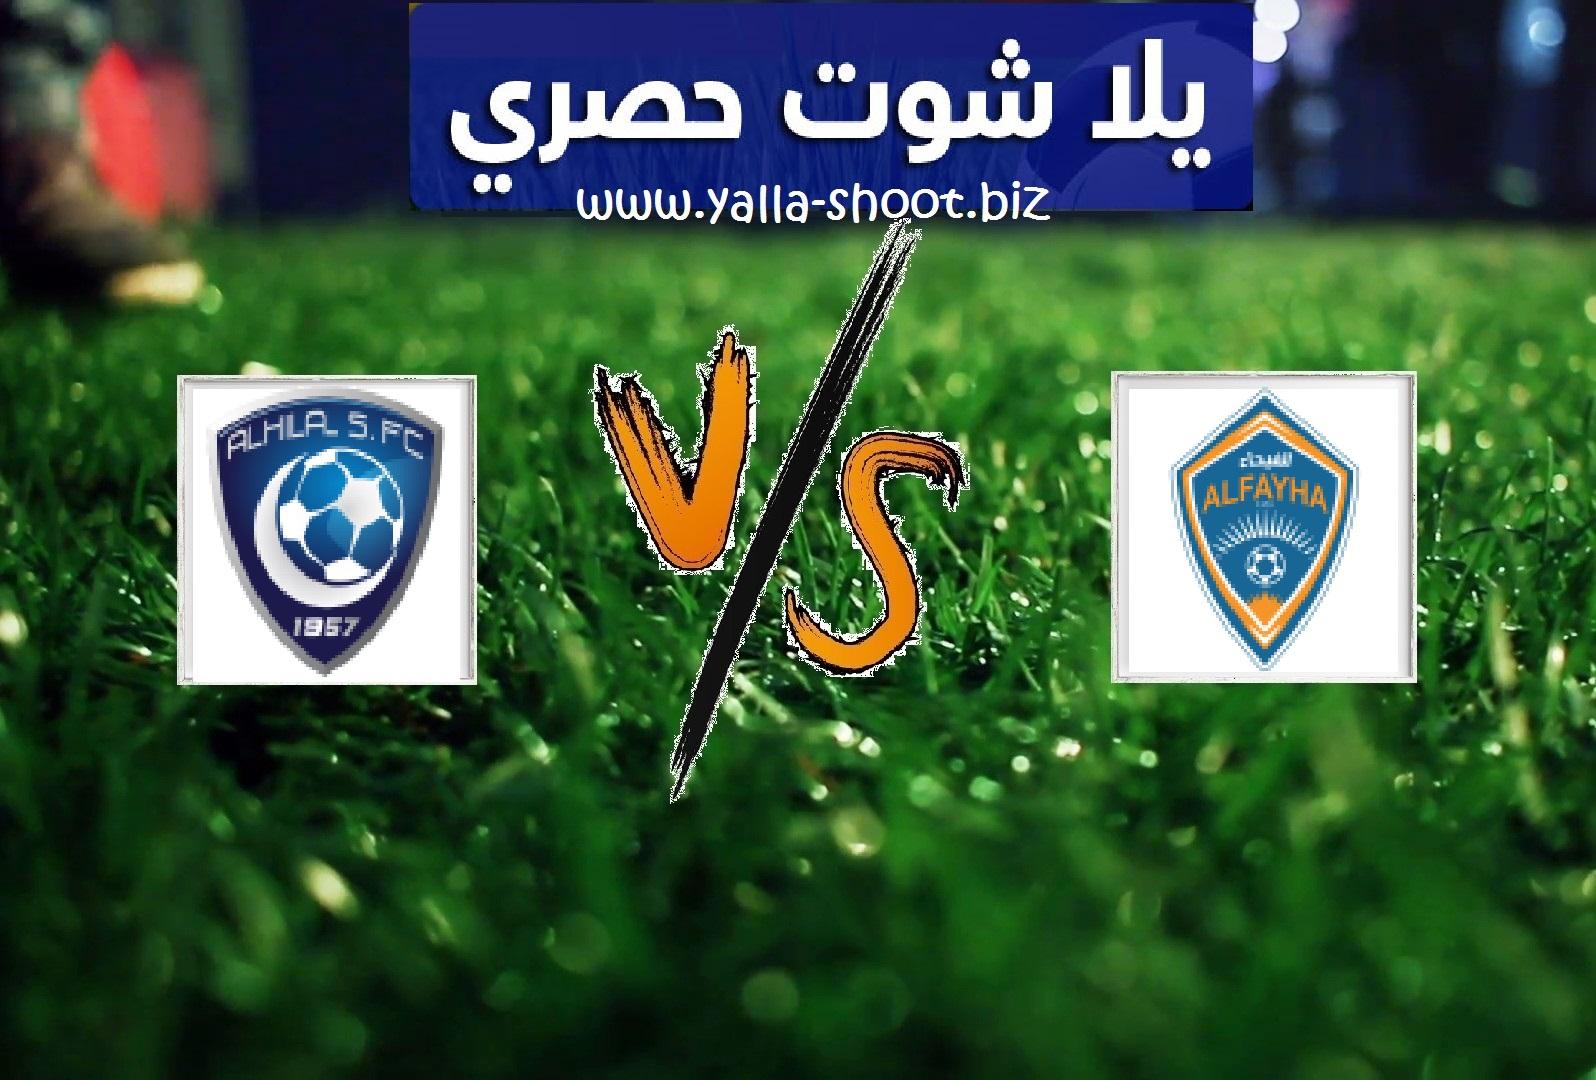 نتيجة مباراة الهلال والفيحاء بتاريخ 13-02-2020 الدوري السعودي